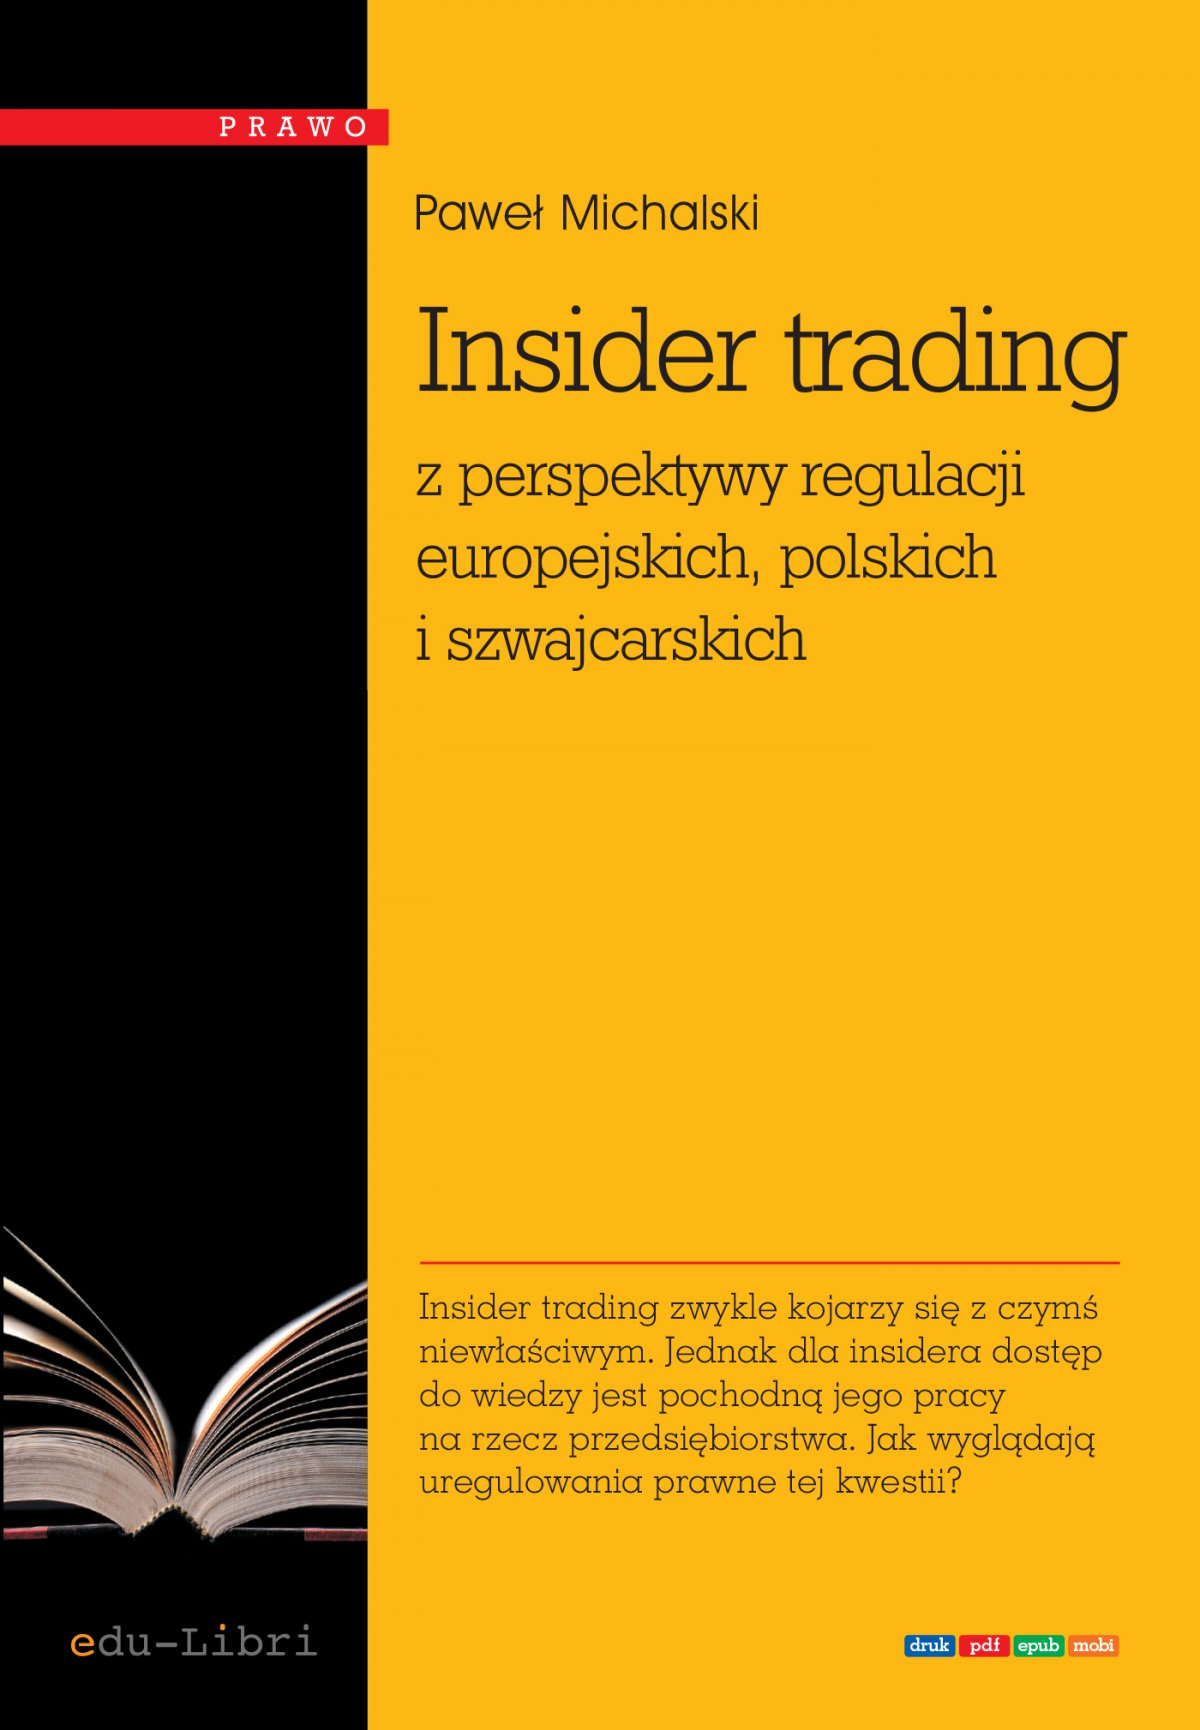 Insider trading z perspektywy regulacji europejskich, polskich i szwajcarskich - Ebook (Książka EPUB) do pobrania w formacie EPUB